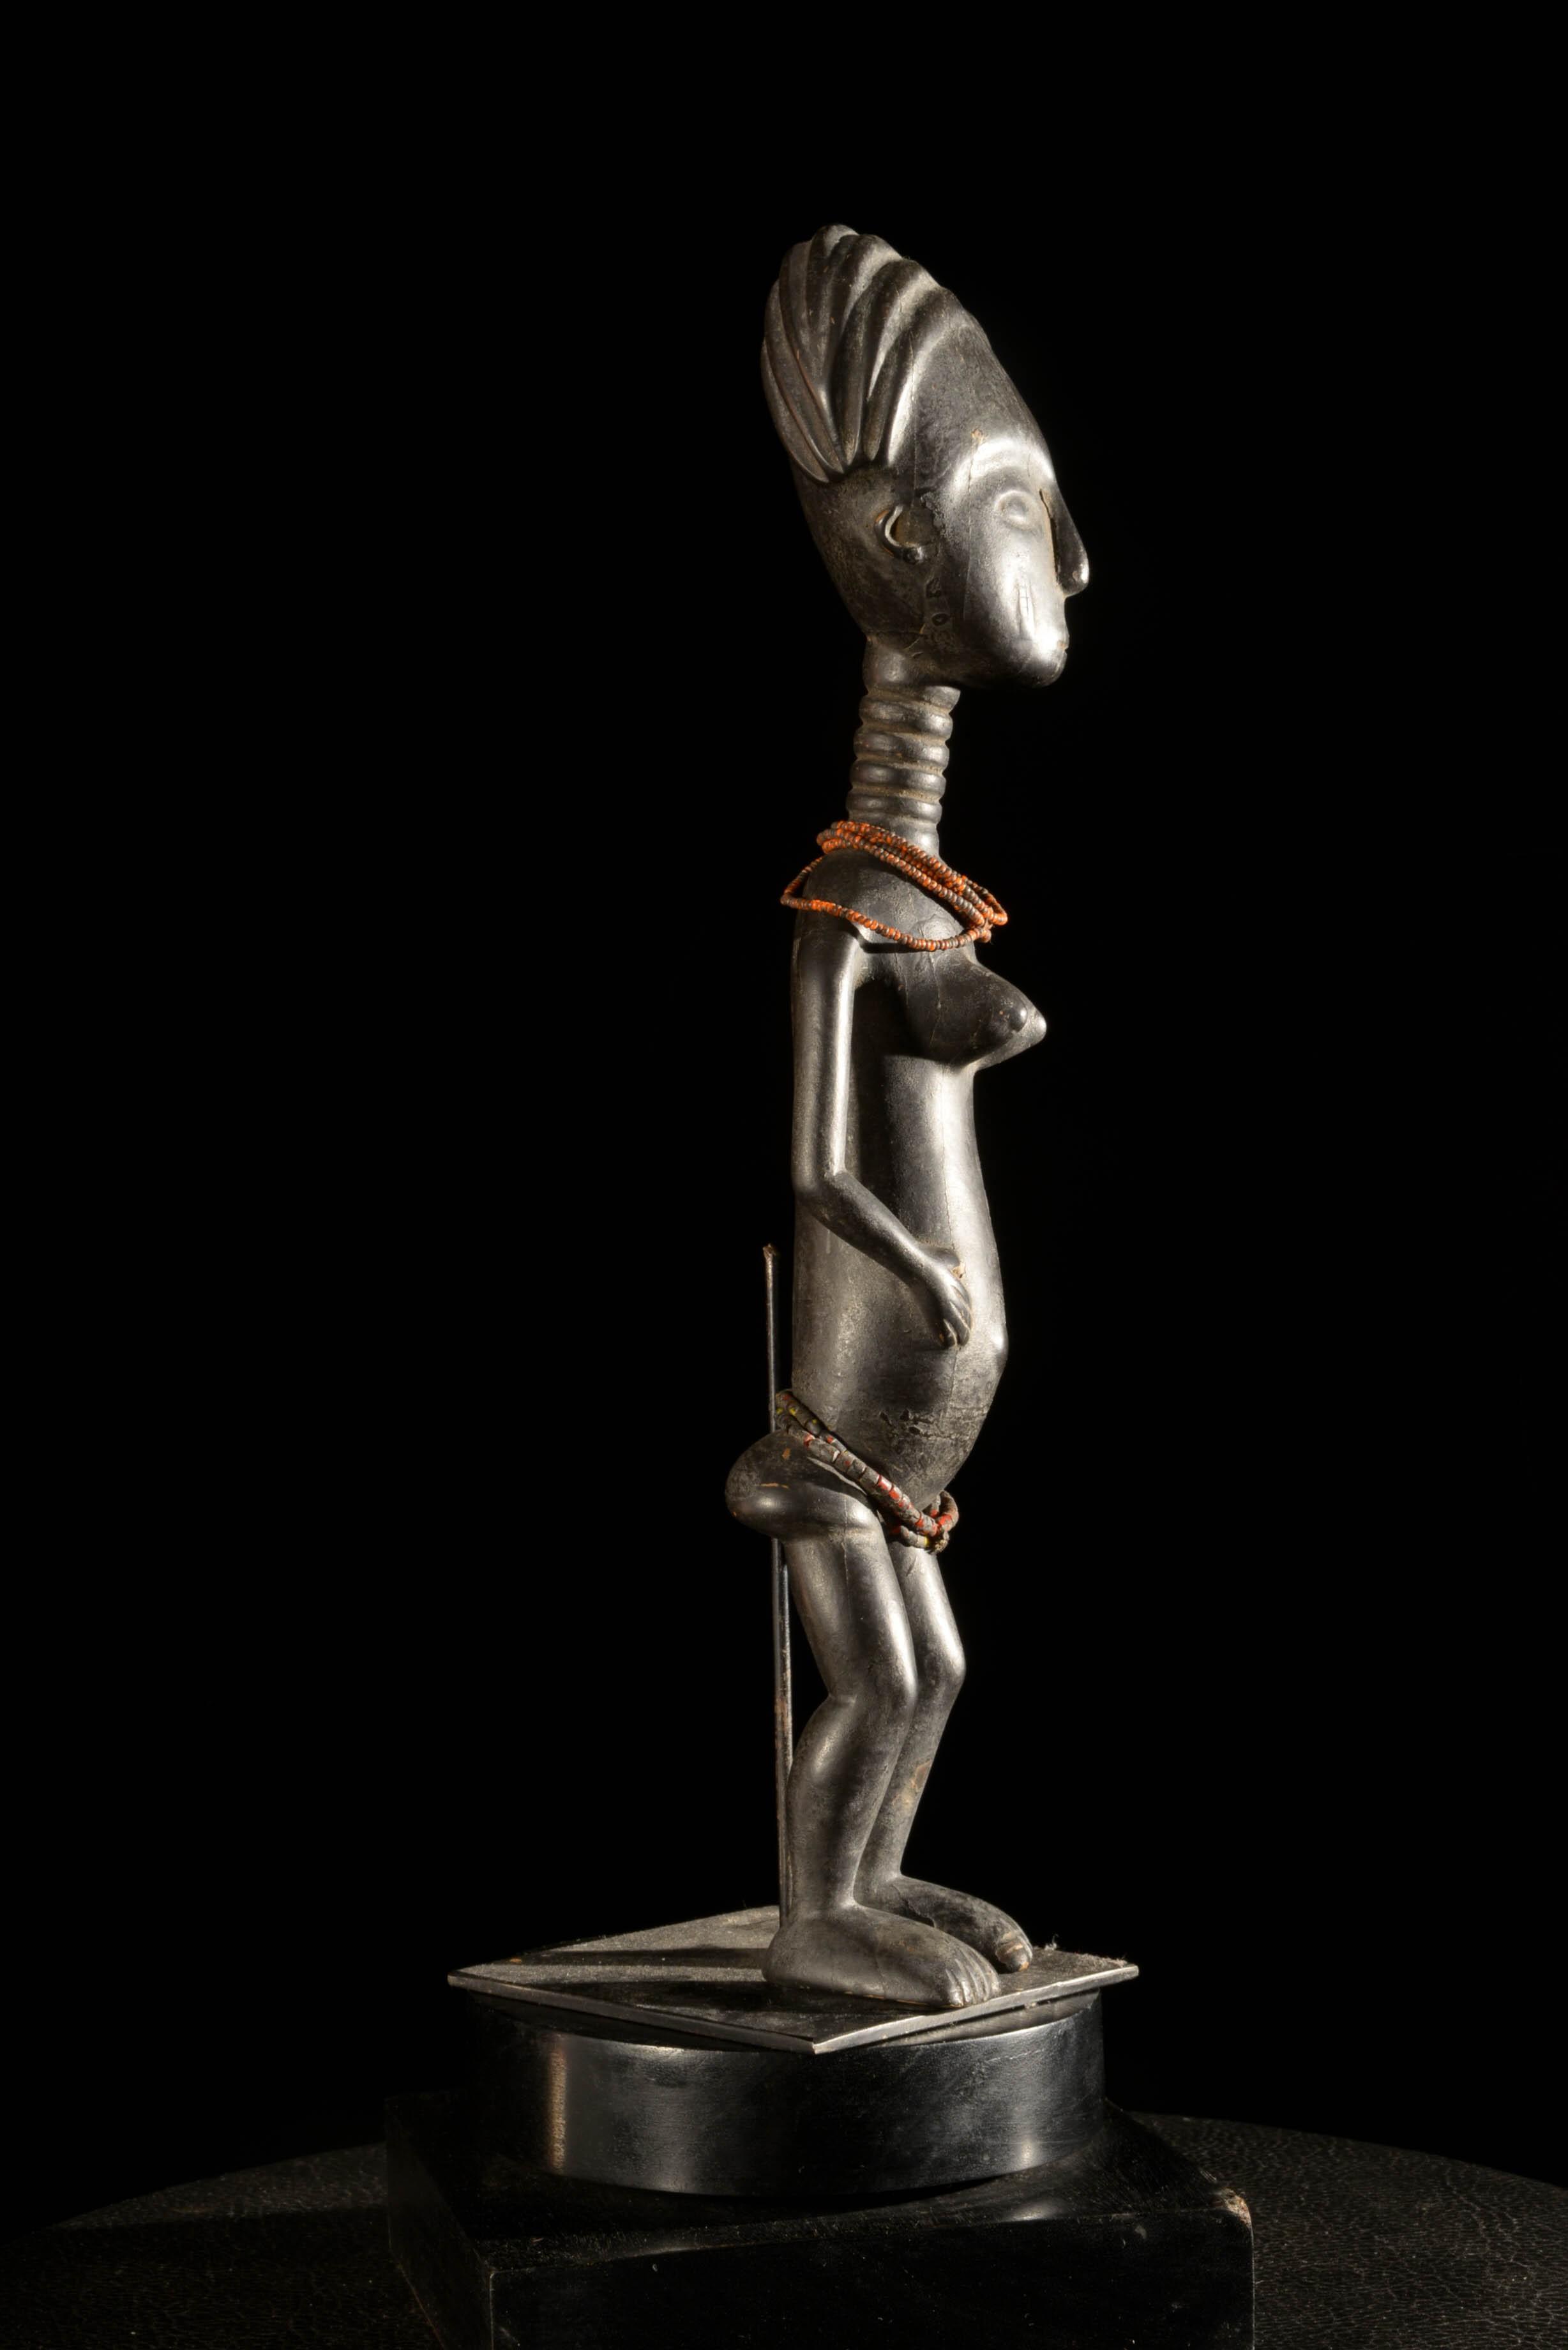 Statue de fertilite - Ashanti - Ghana